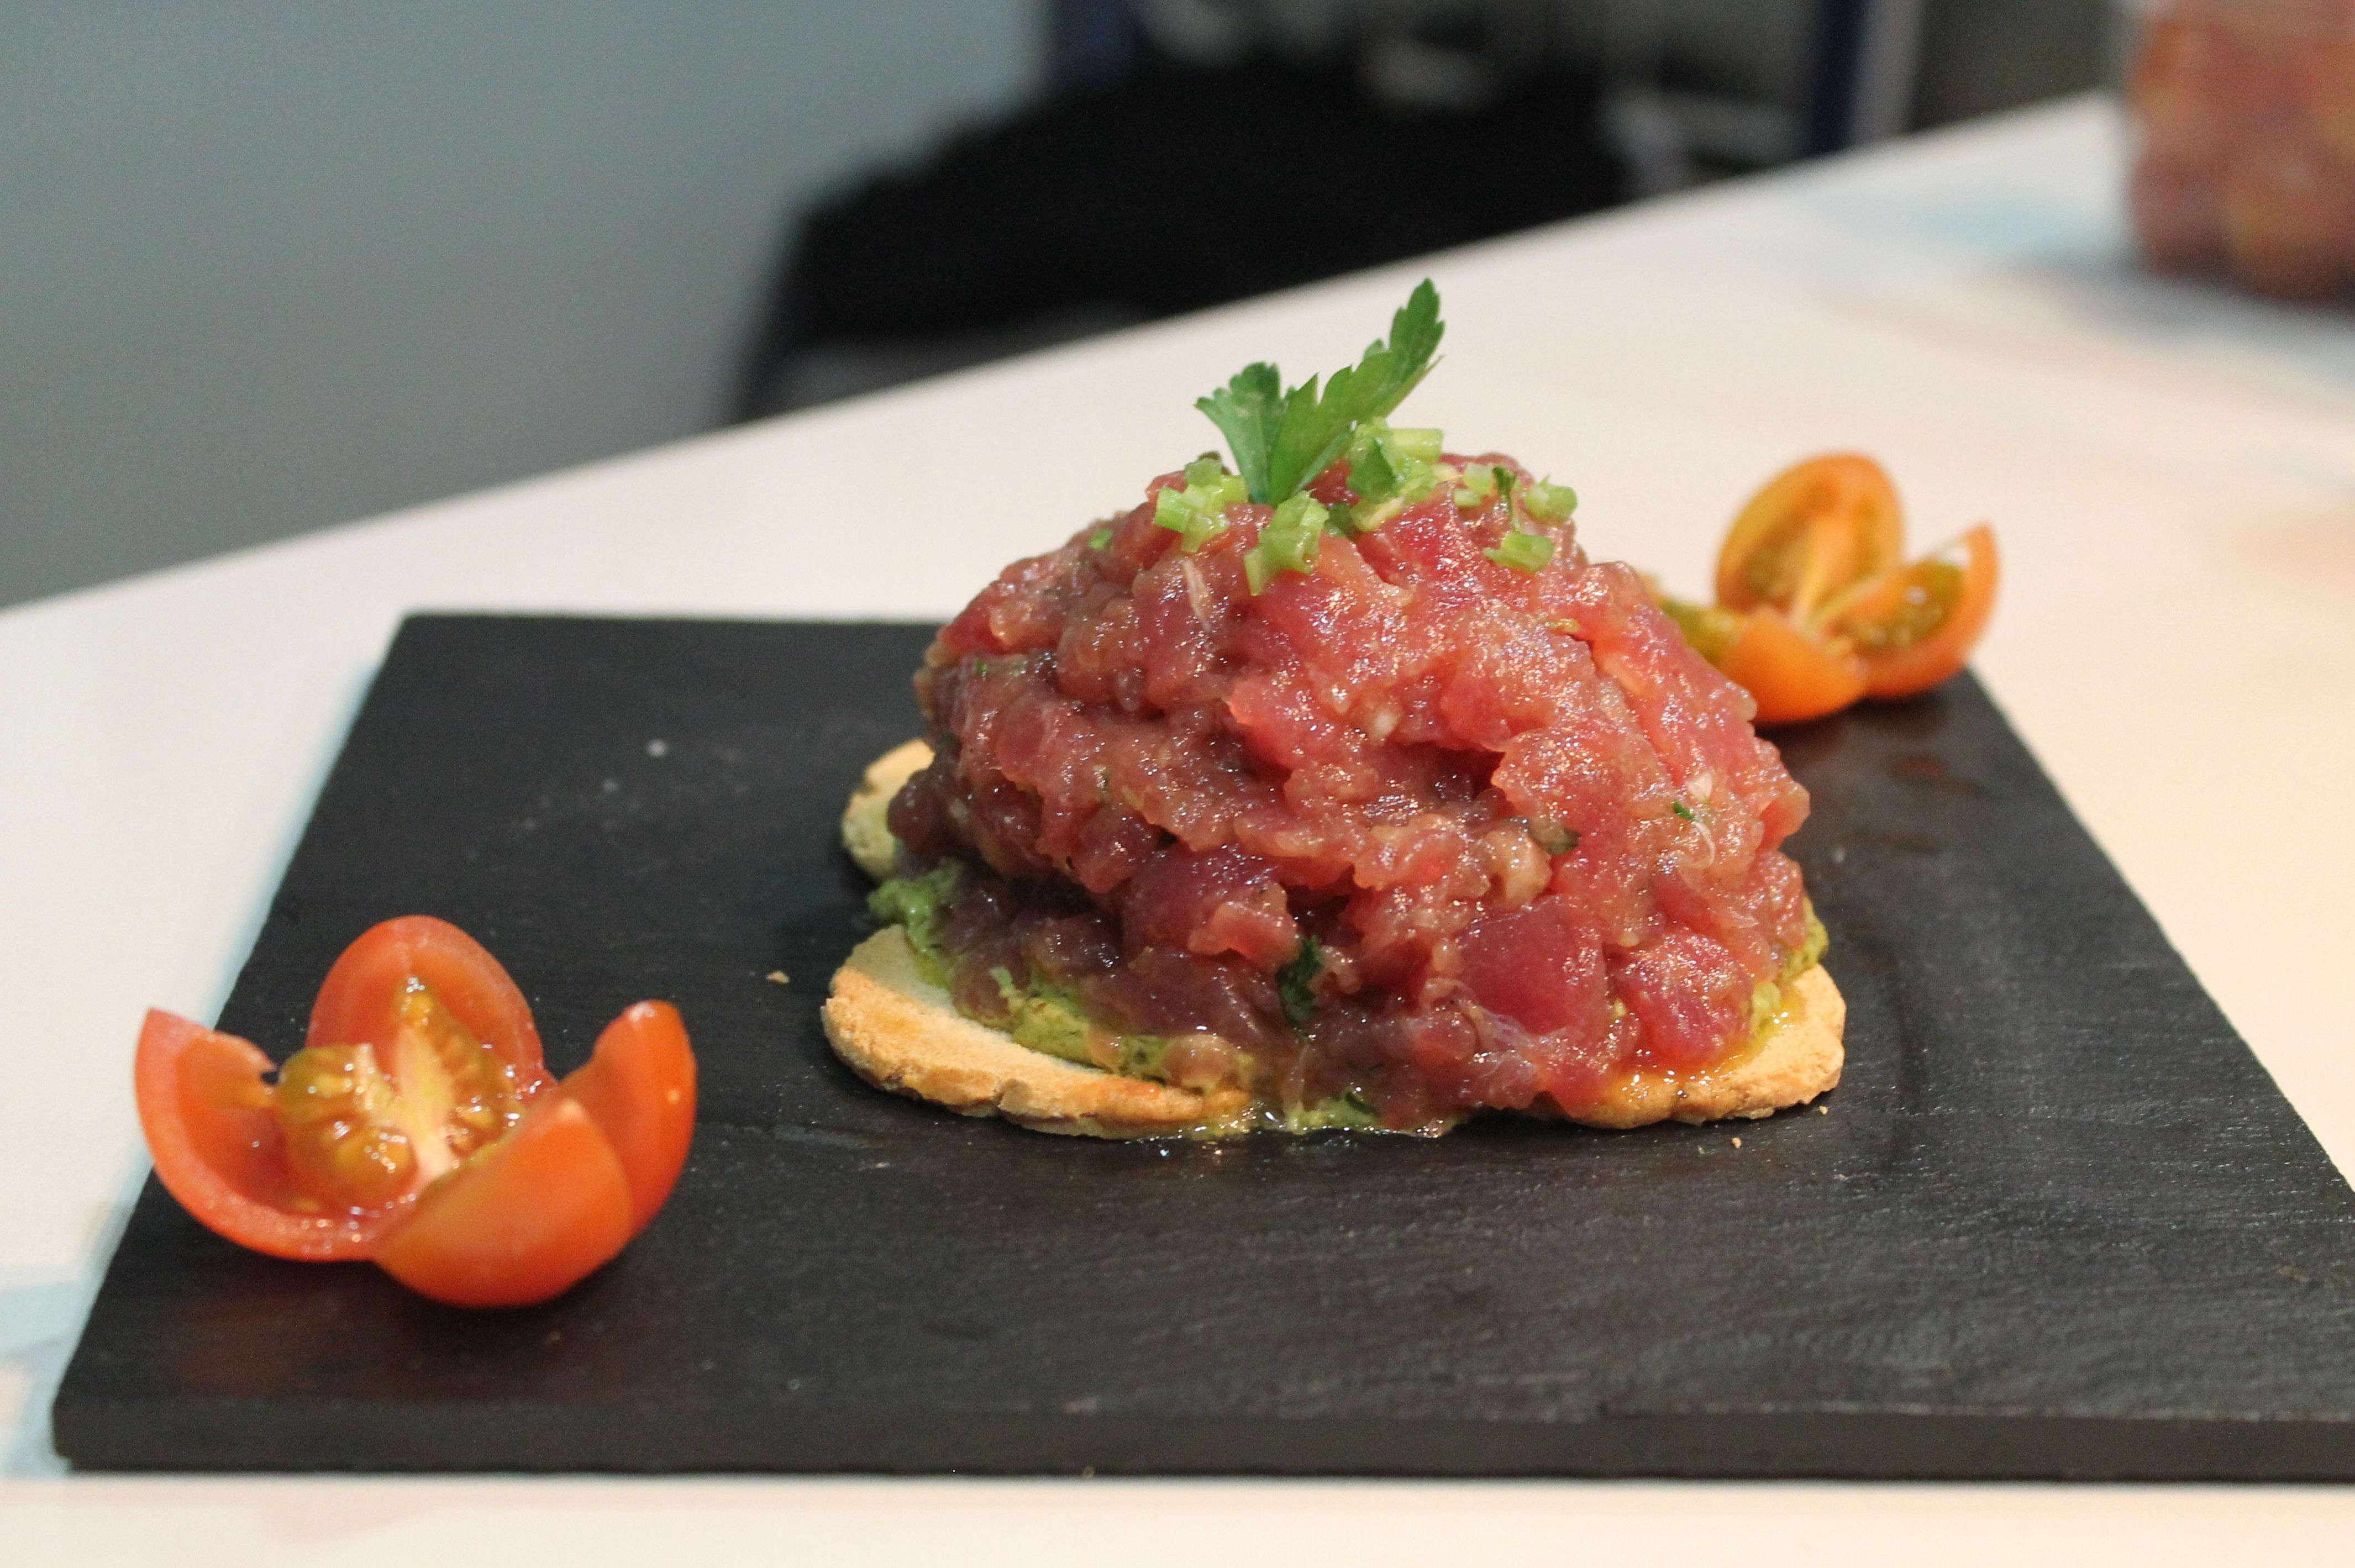 Platos de comida italiana